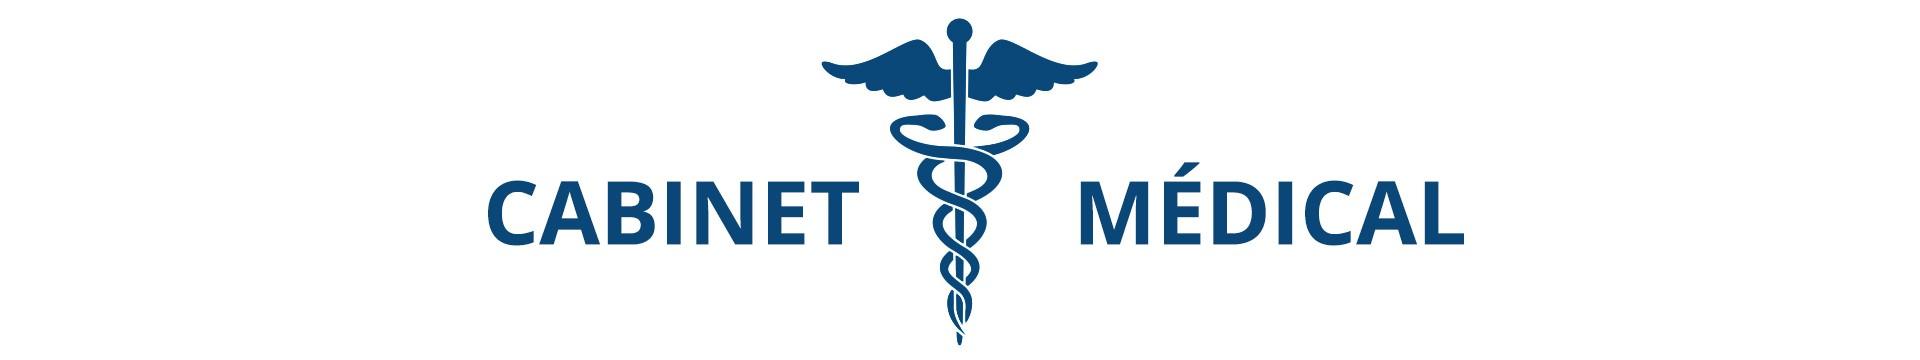 cabinet-medical-01-8901